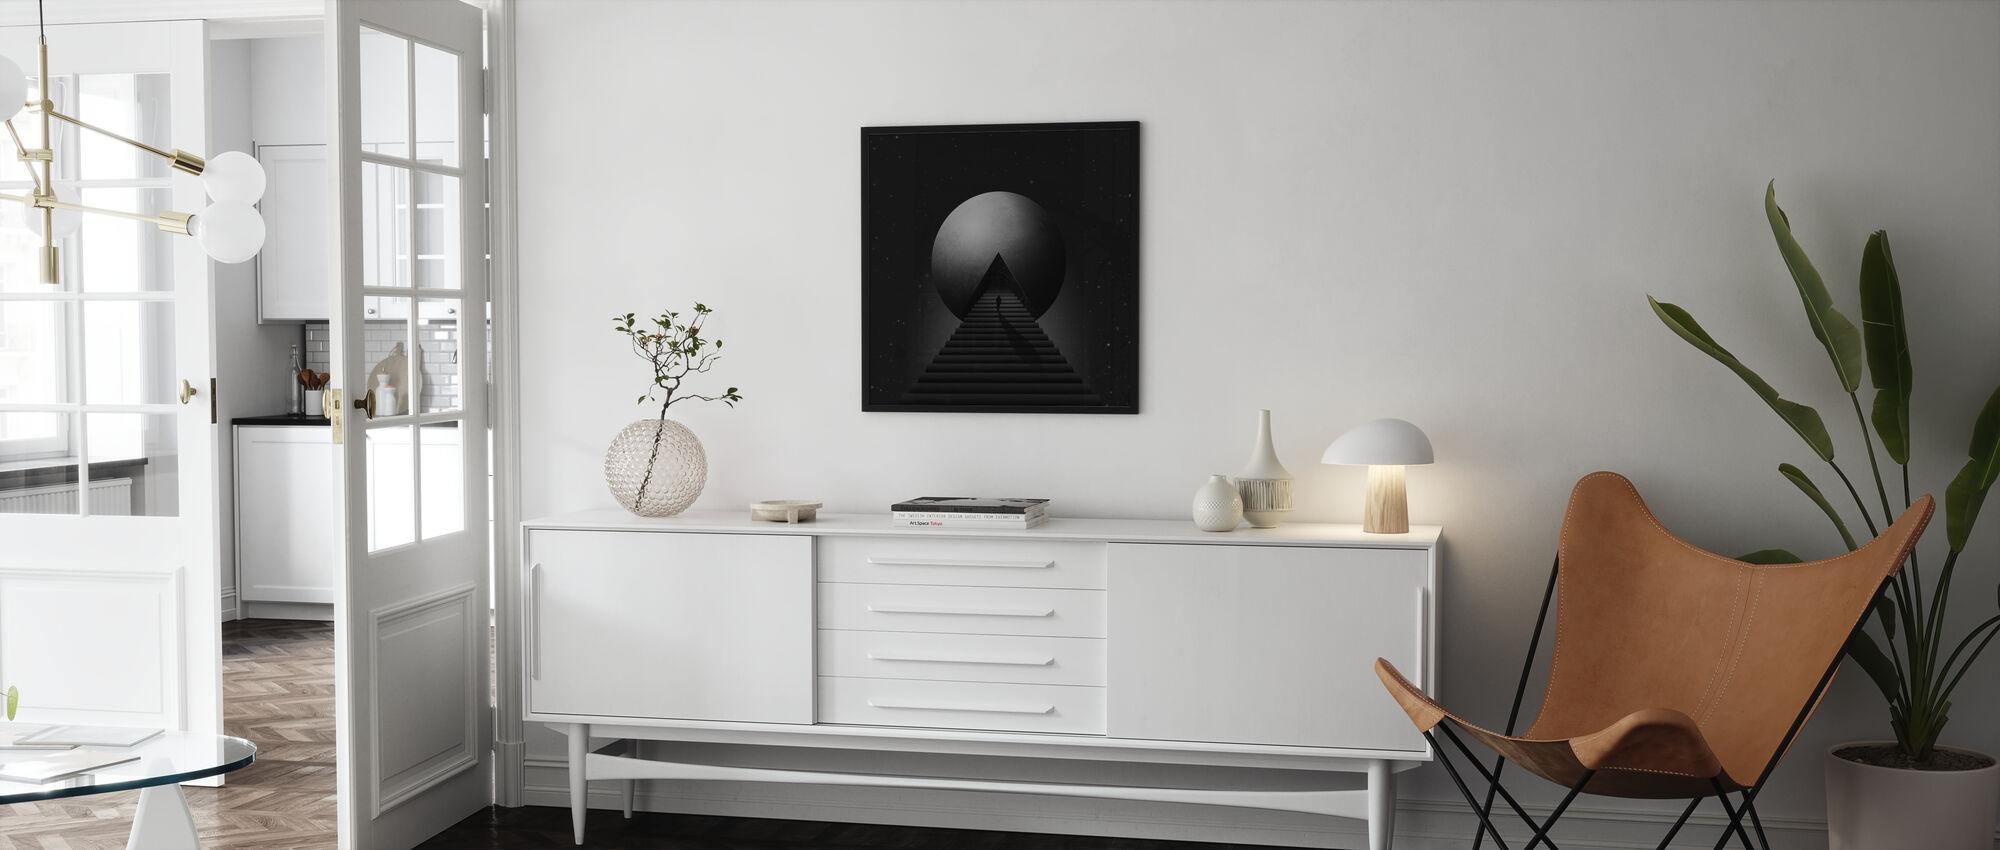 Vaarwel - Ingelijste print - Woonkamer